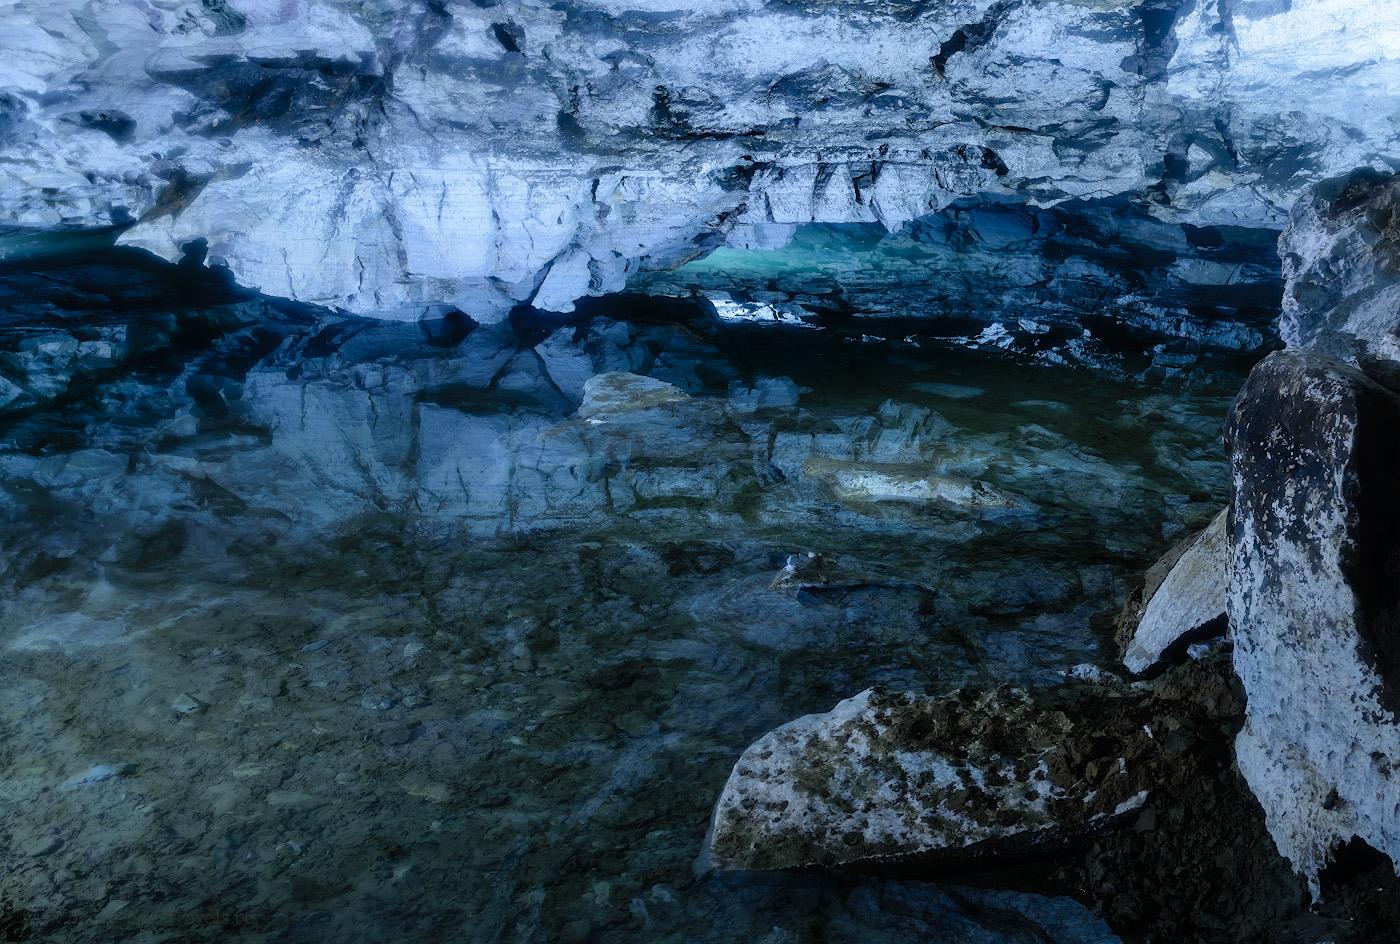 Фото 12. Подземное озеро в Кунгурской пещере. Стоит ли ехать на экскурсию? Да! Отчеты туристов о путешествии по интересным местам Пермского края. 4, 8.0, 400, 31.